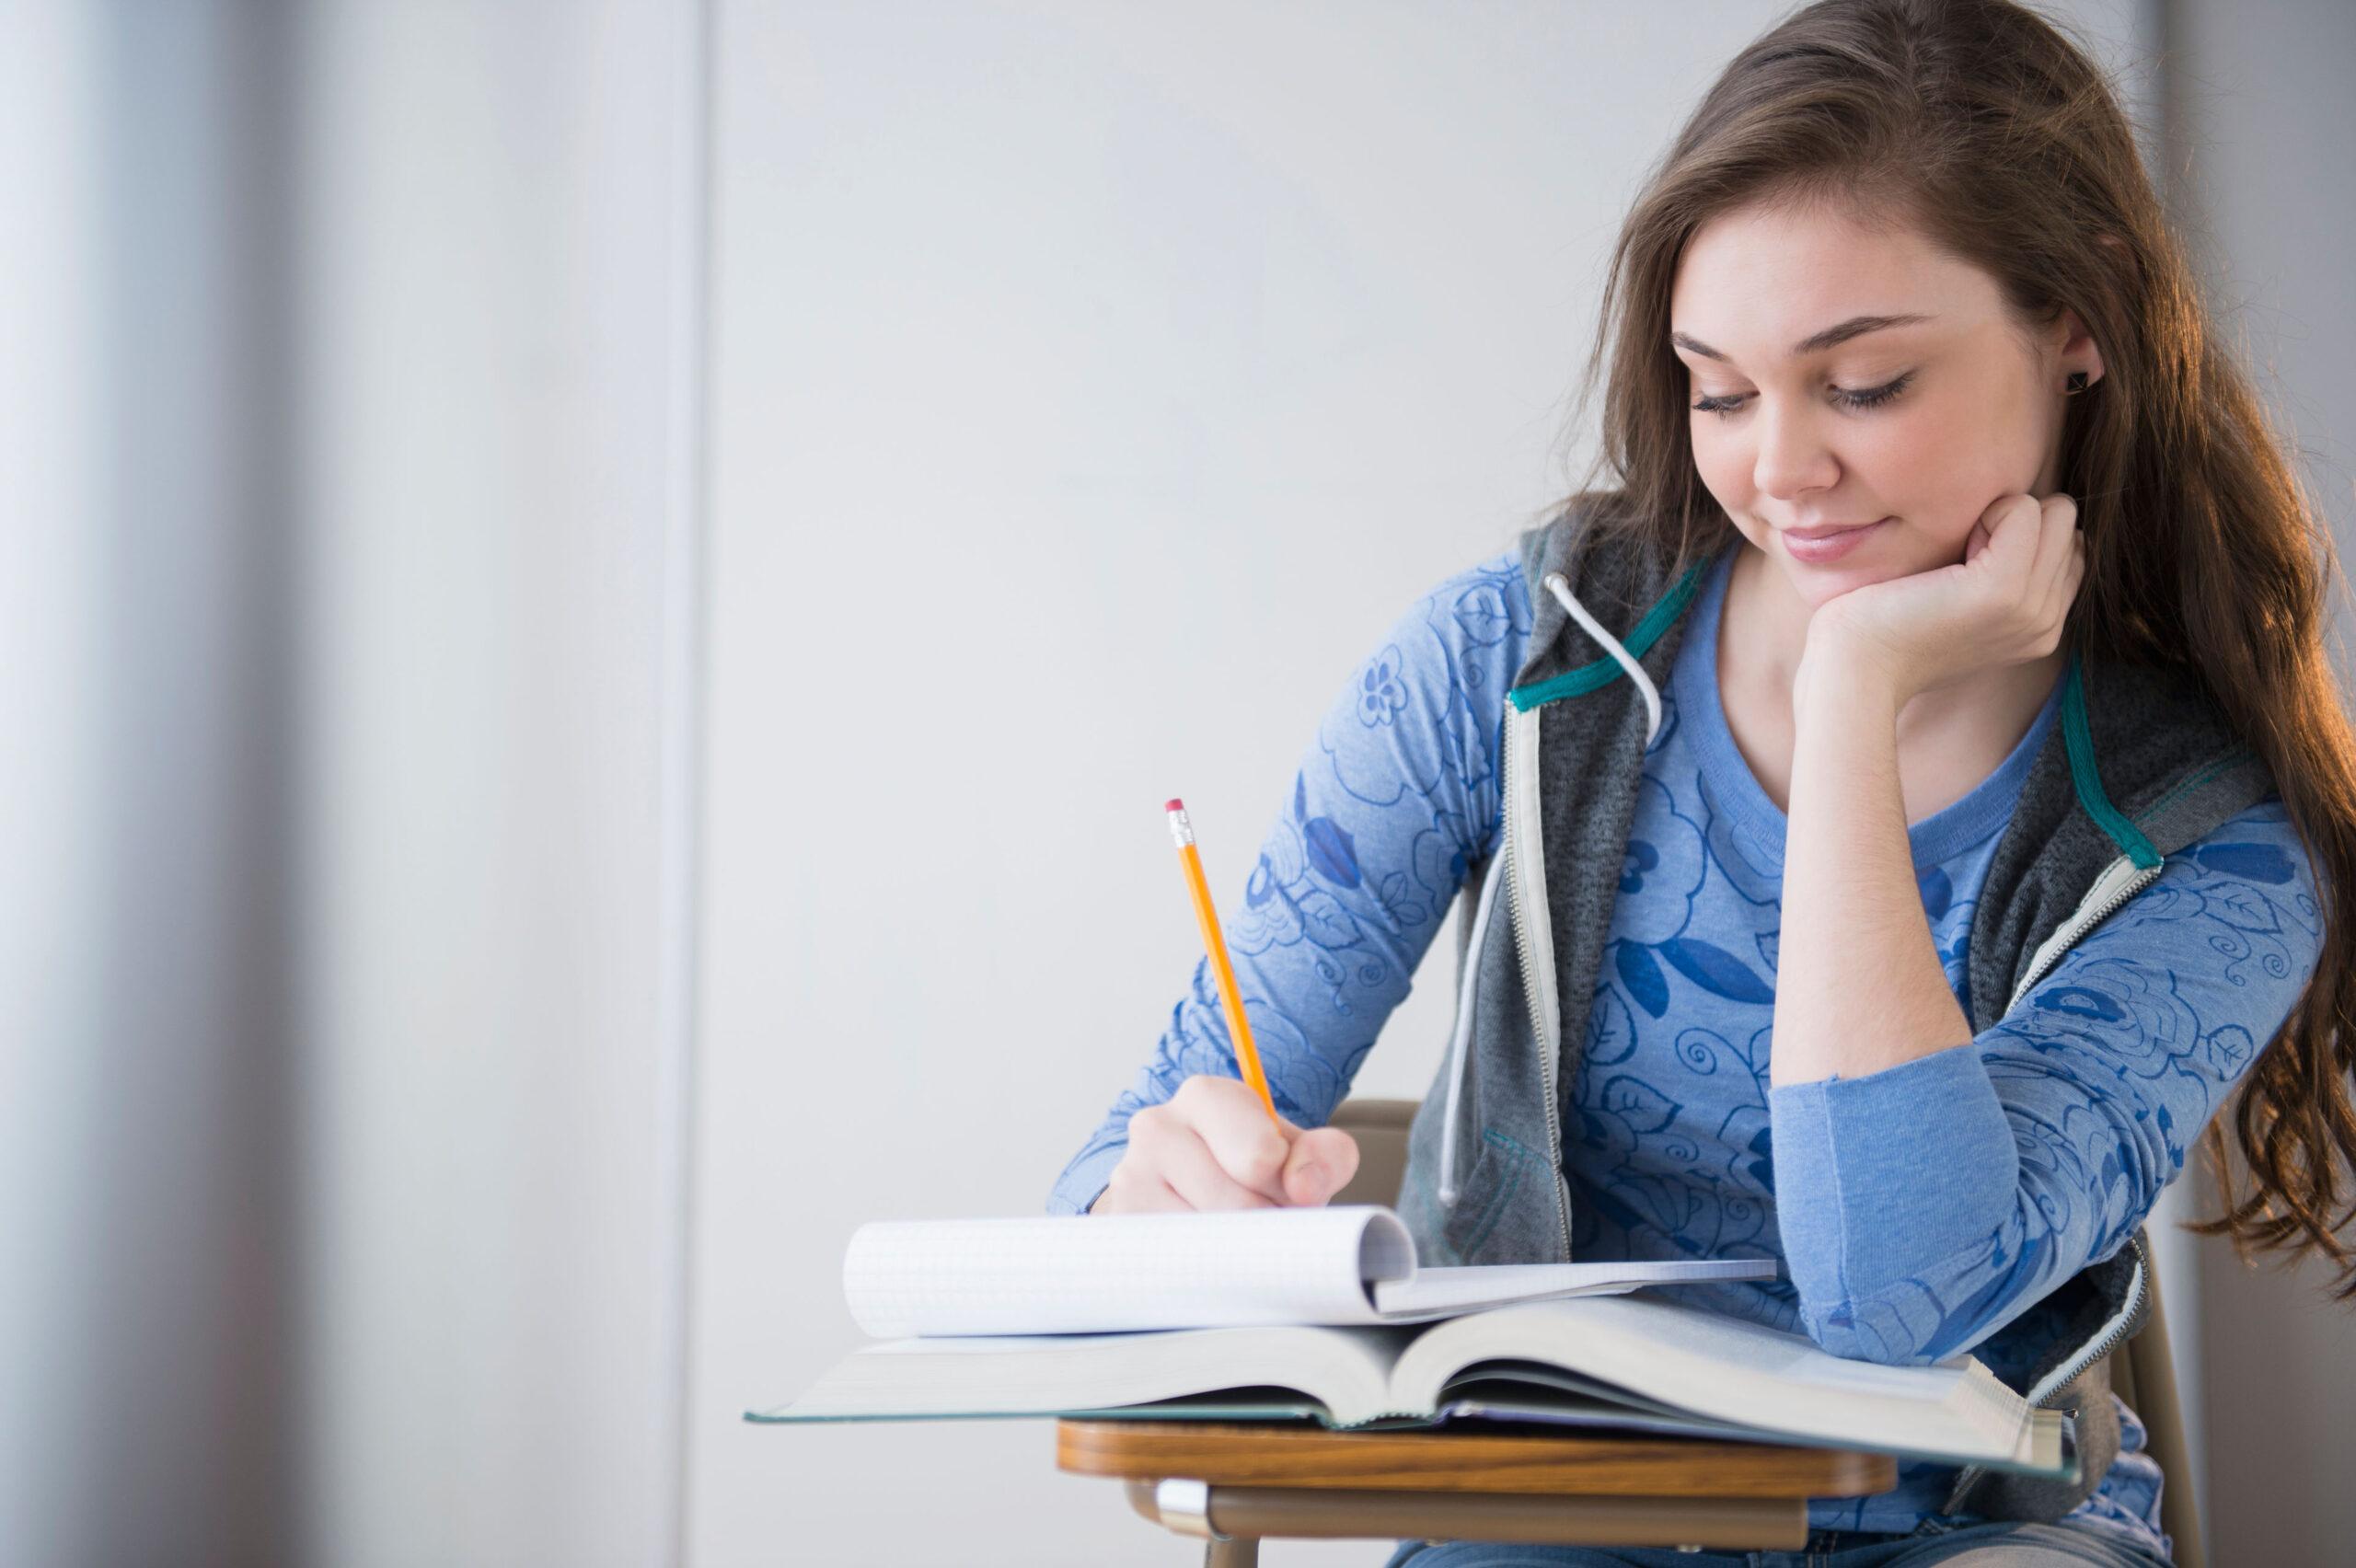 اصول پایان نامه کارشناسی ارشد | اجزای تشکیل دهنده یک پایان نامه ارشد